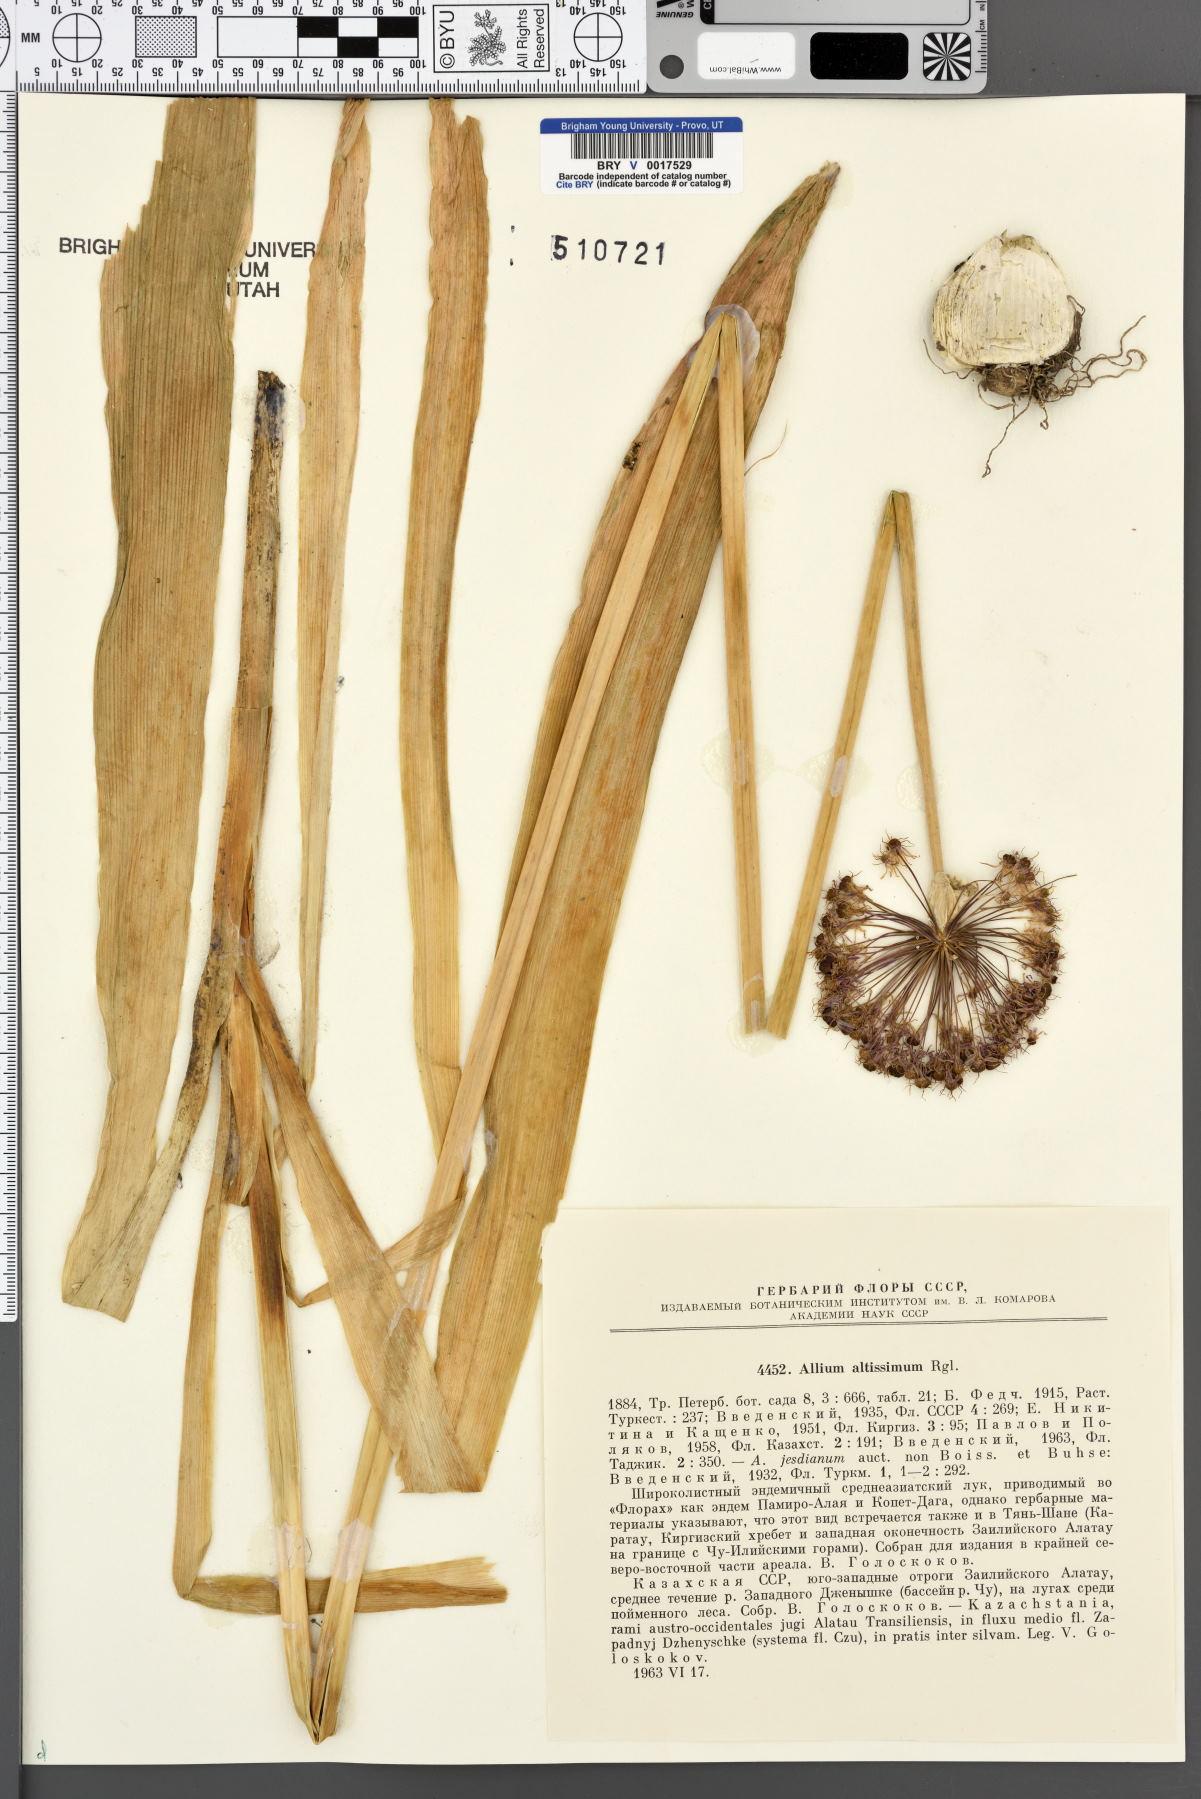 Allium altissimum image